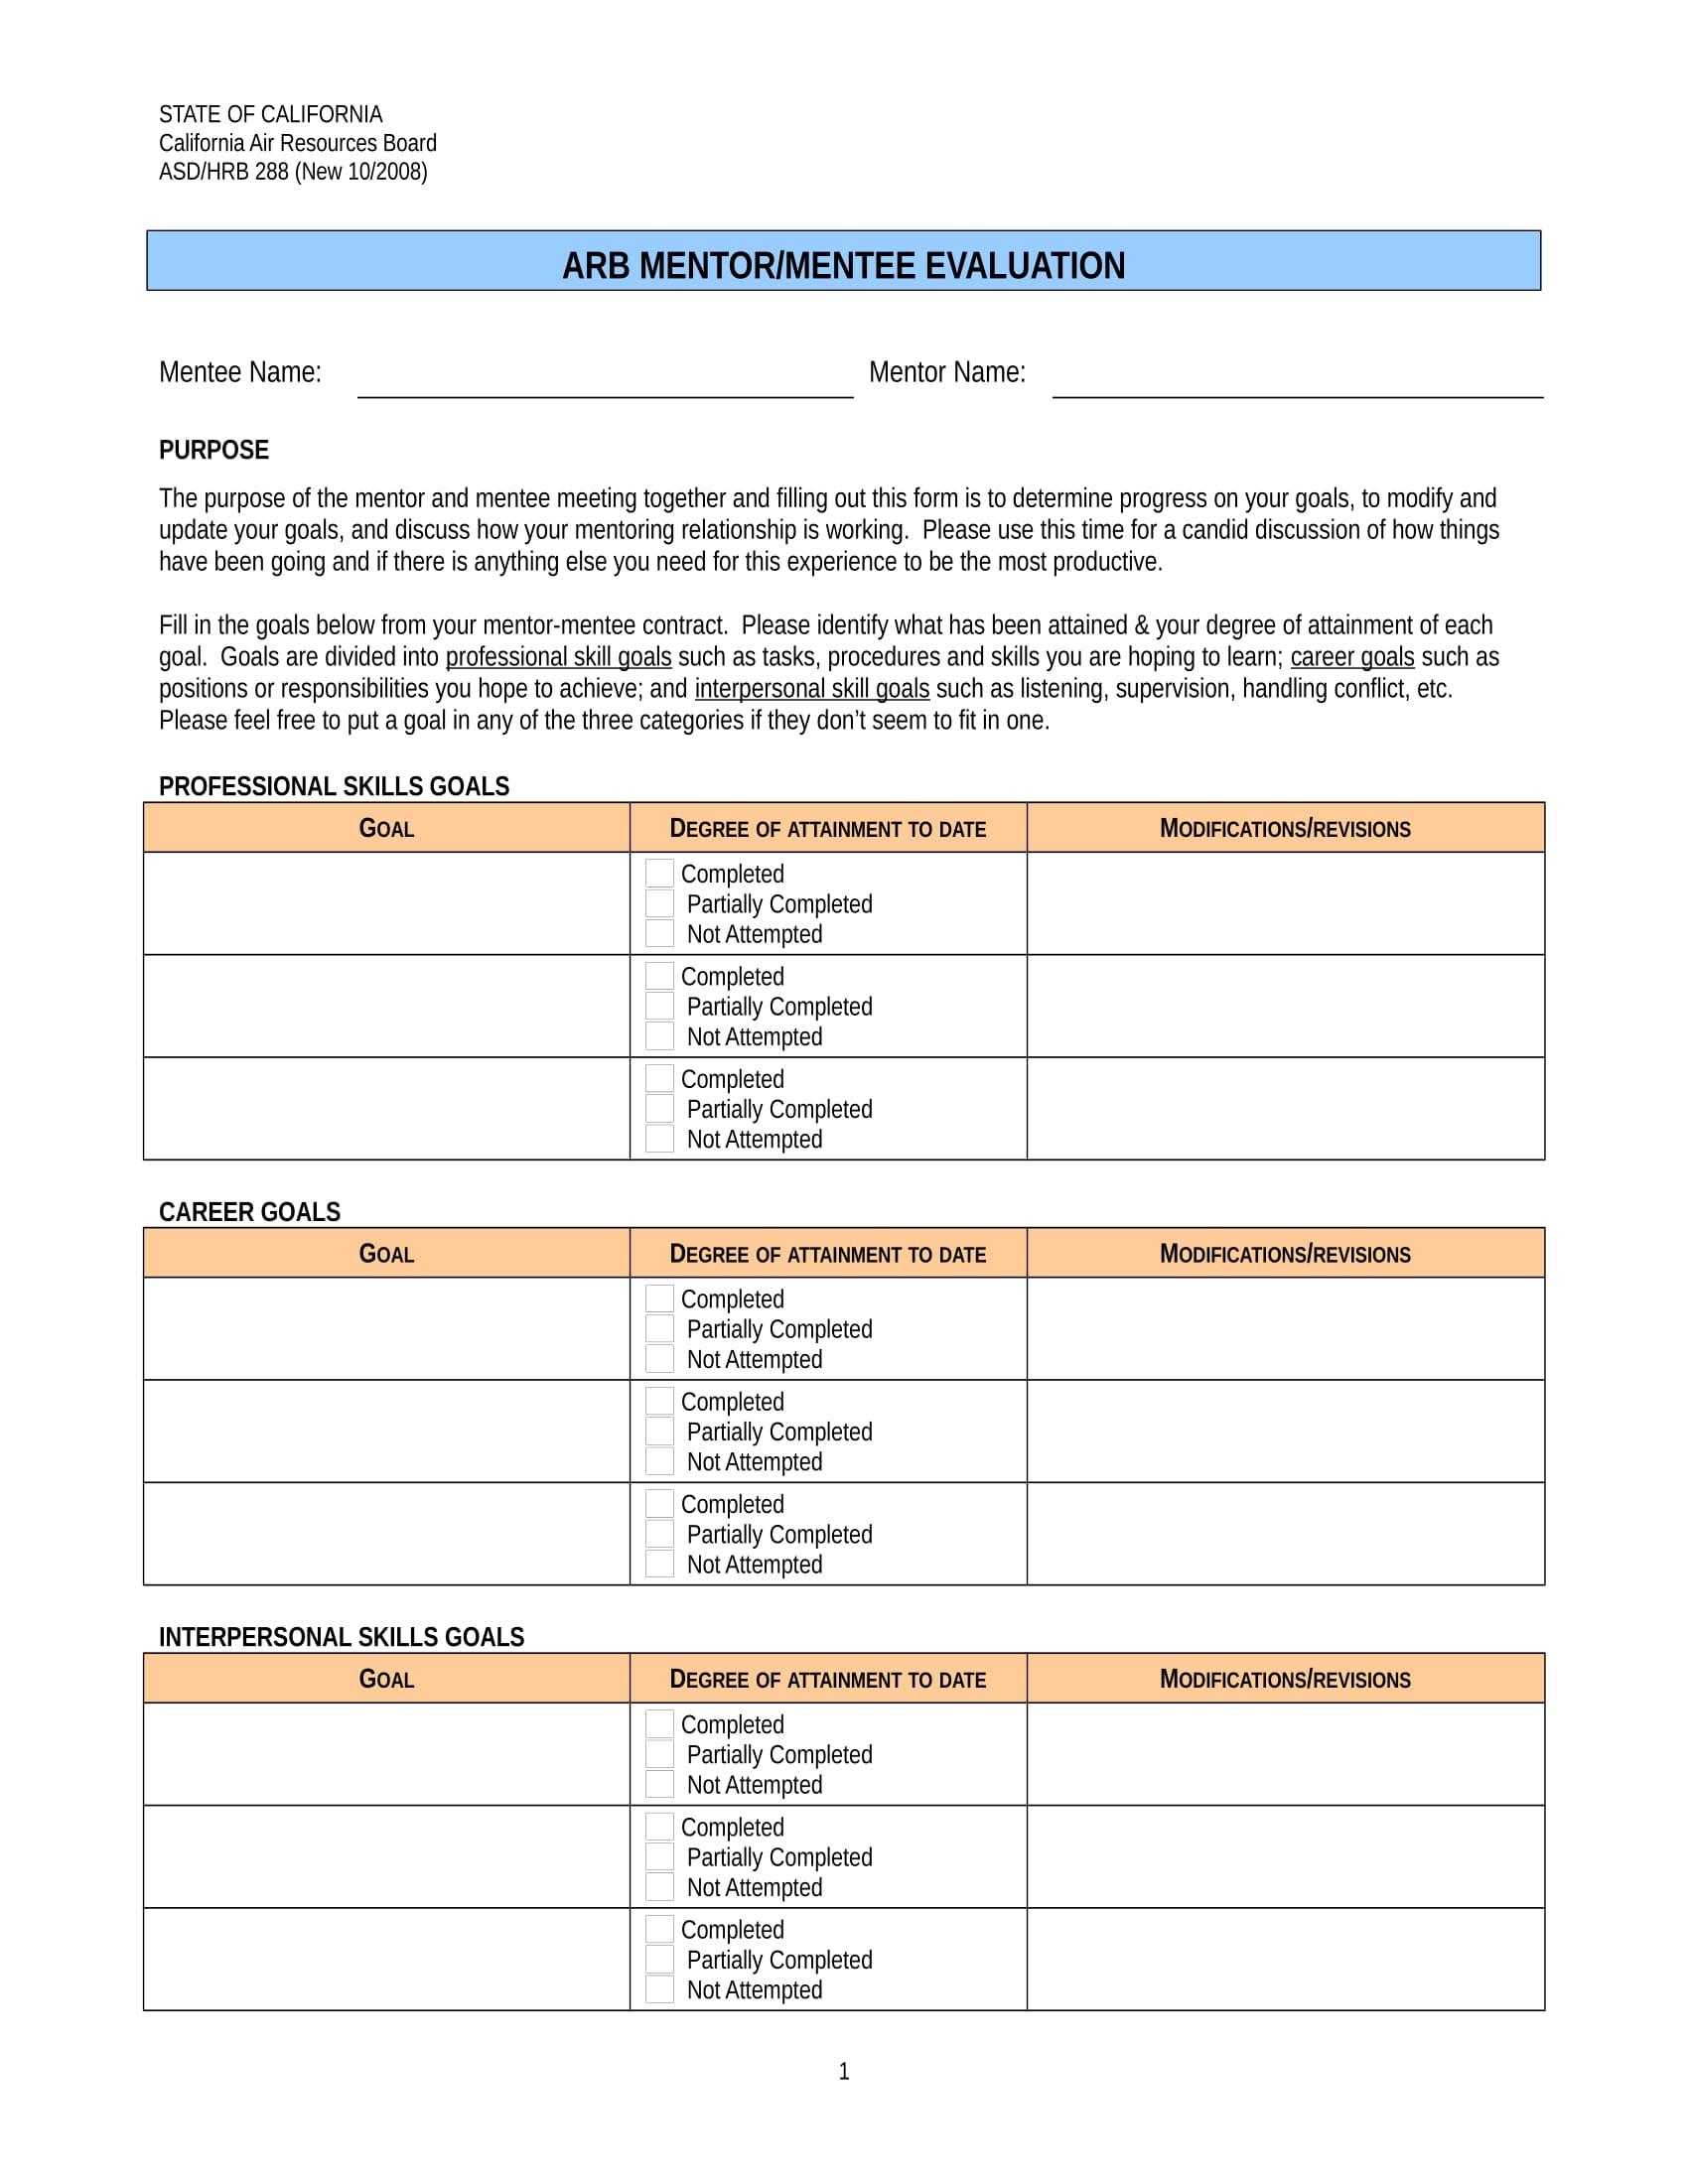 mentor mentee evaluation form 1